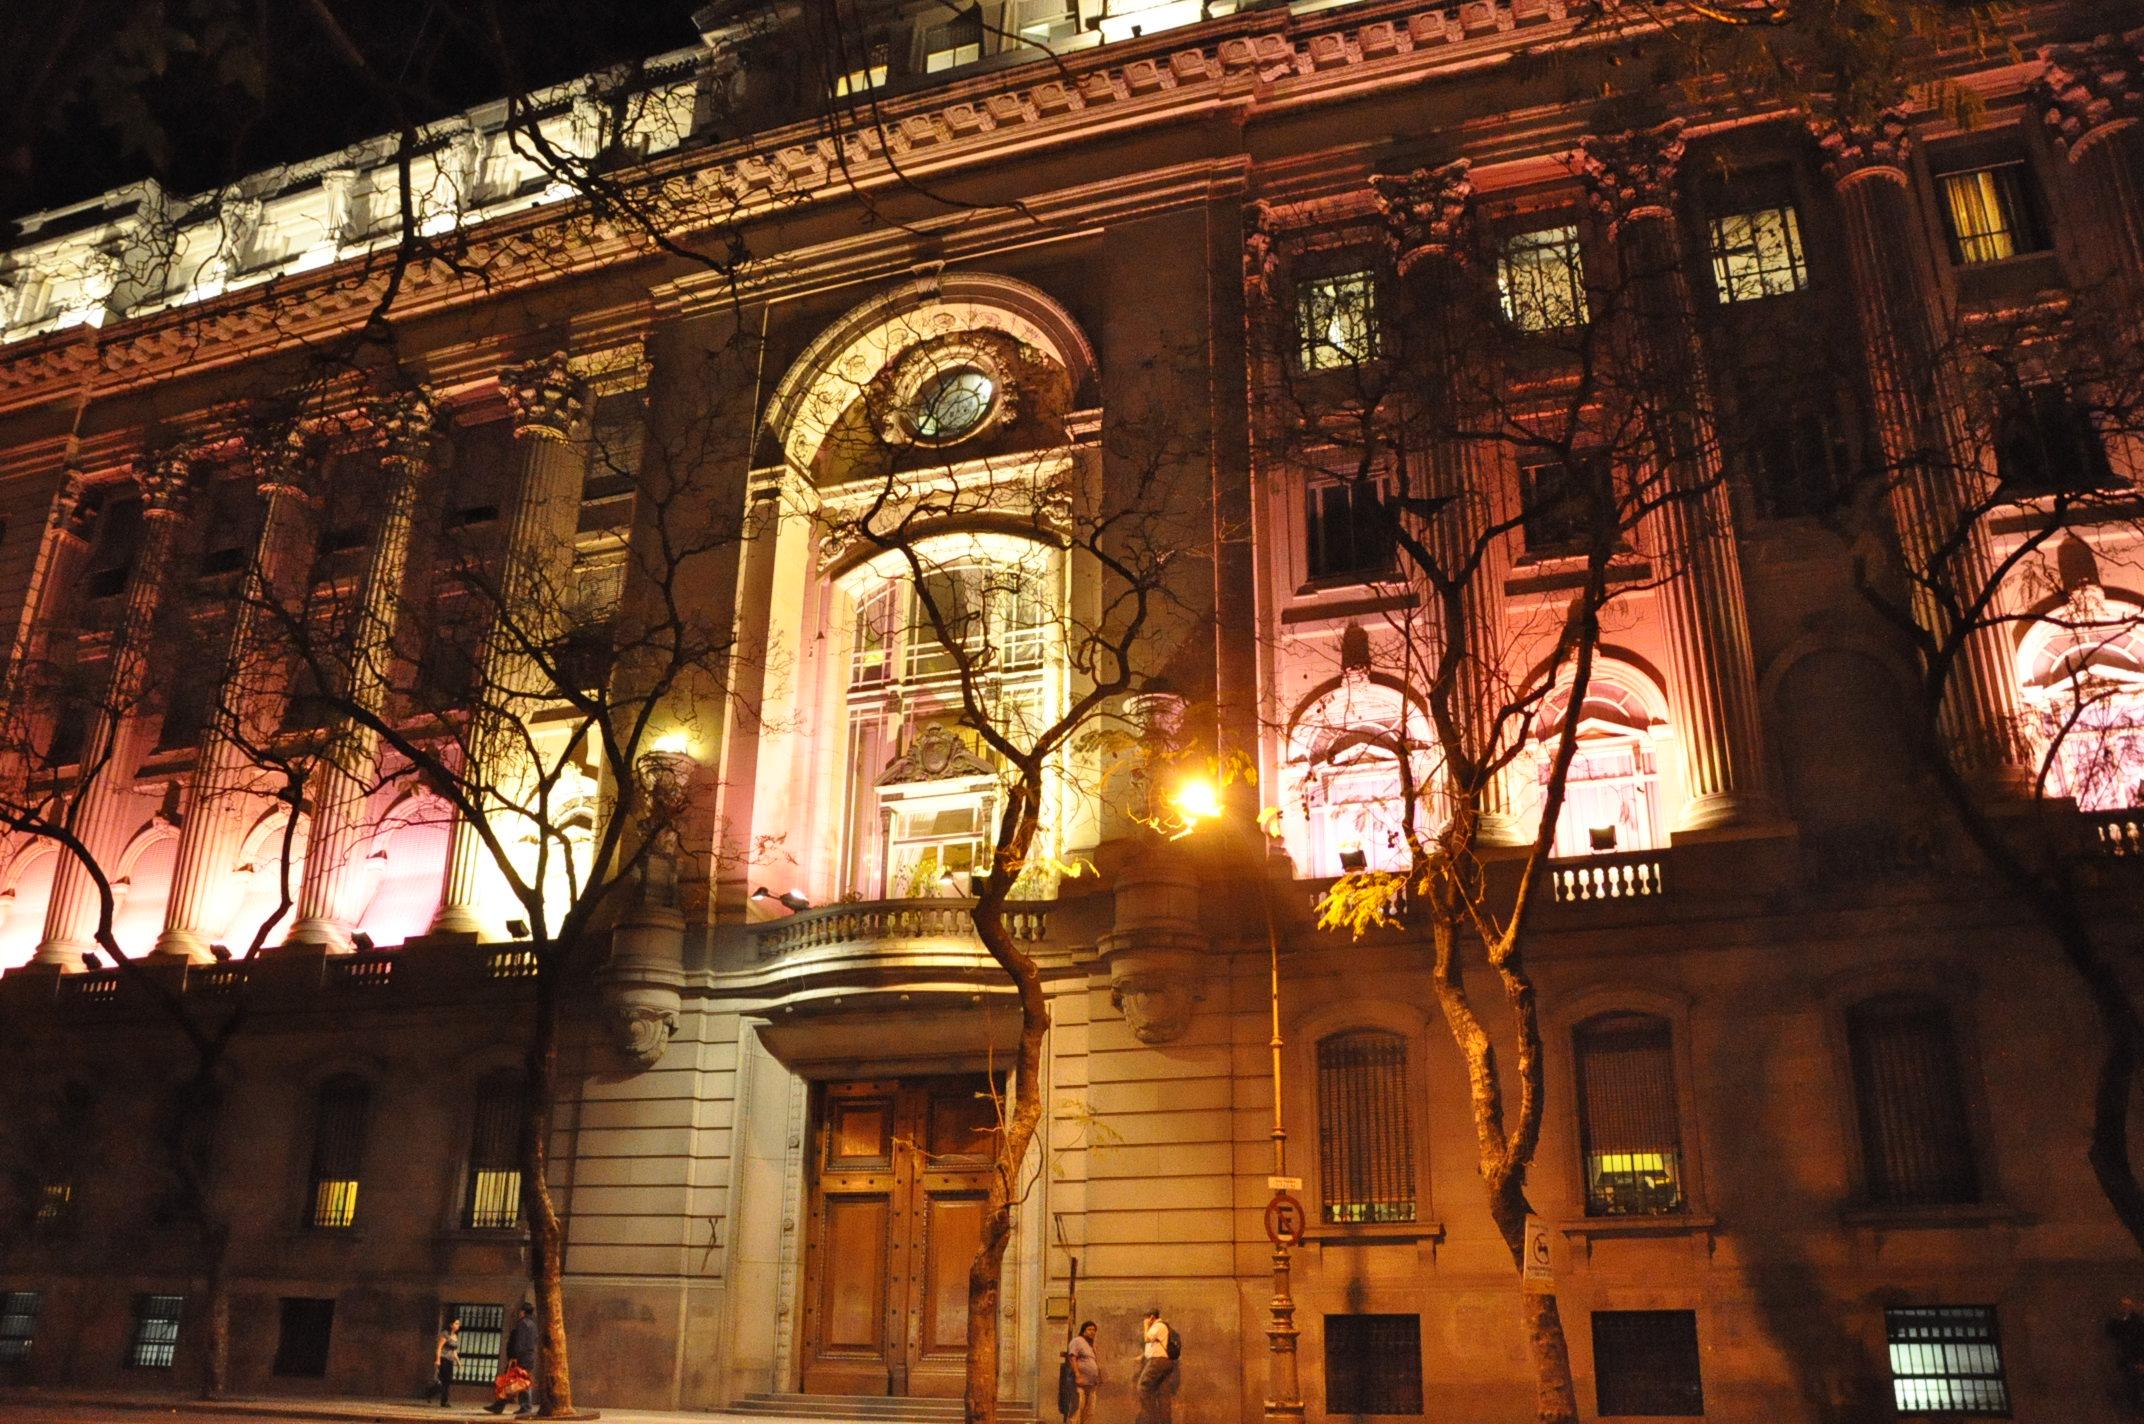 Filelegislatura De La Ciudad De Buenos Aires Vista Nocturna 2